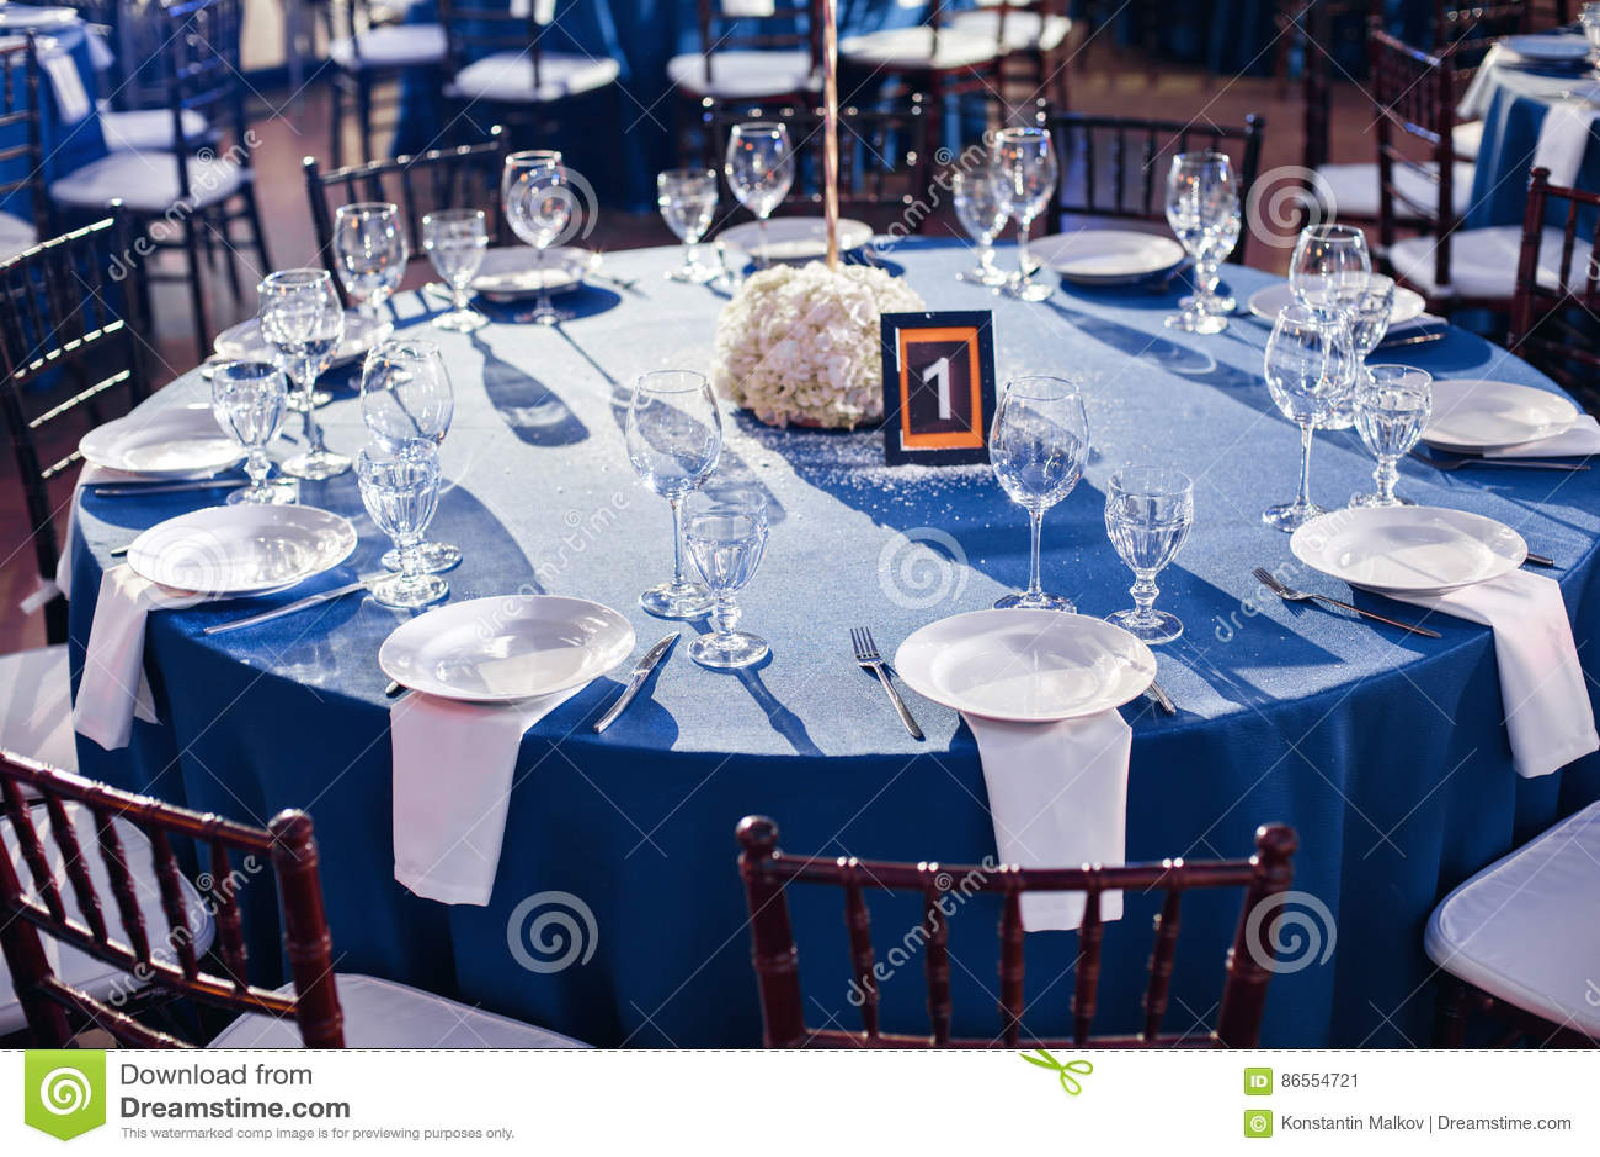 Download Mariage Banquet Les Chaises Et La Table Ronde Pour Des Invités,  Servies Avec Les